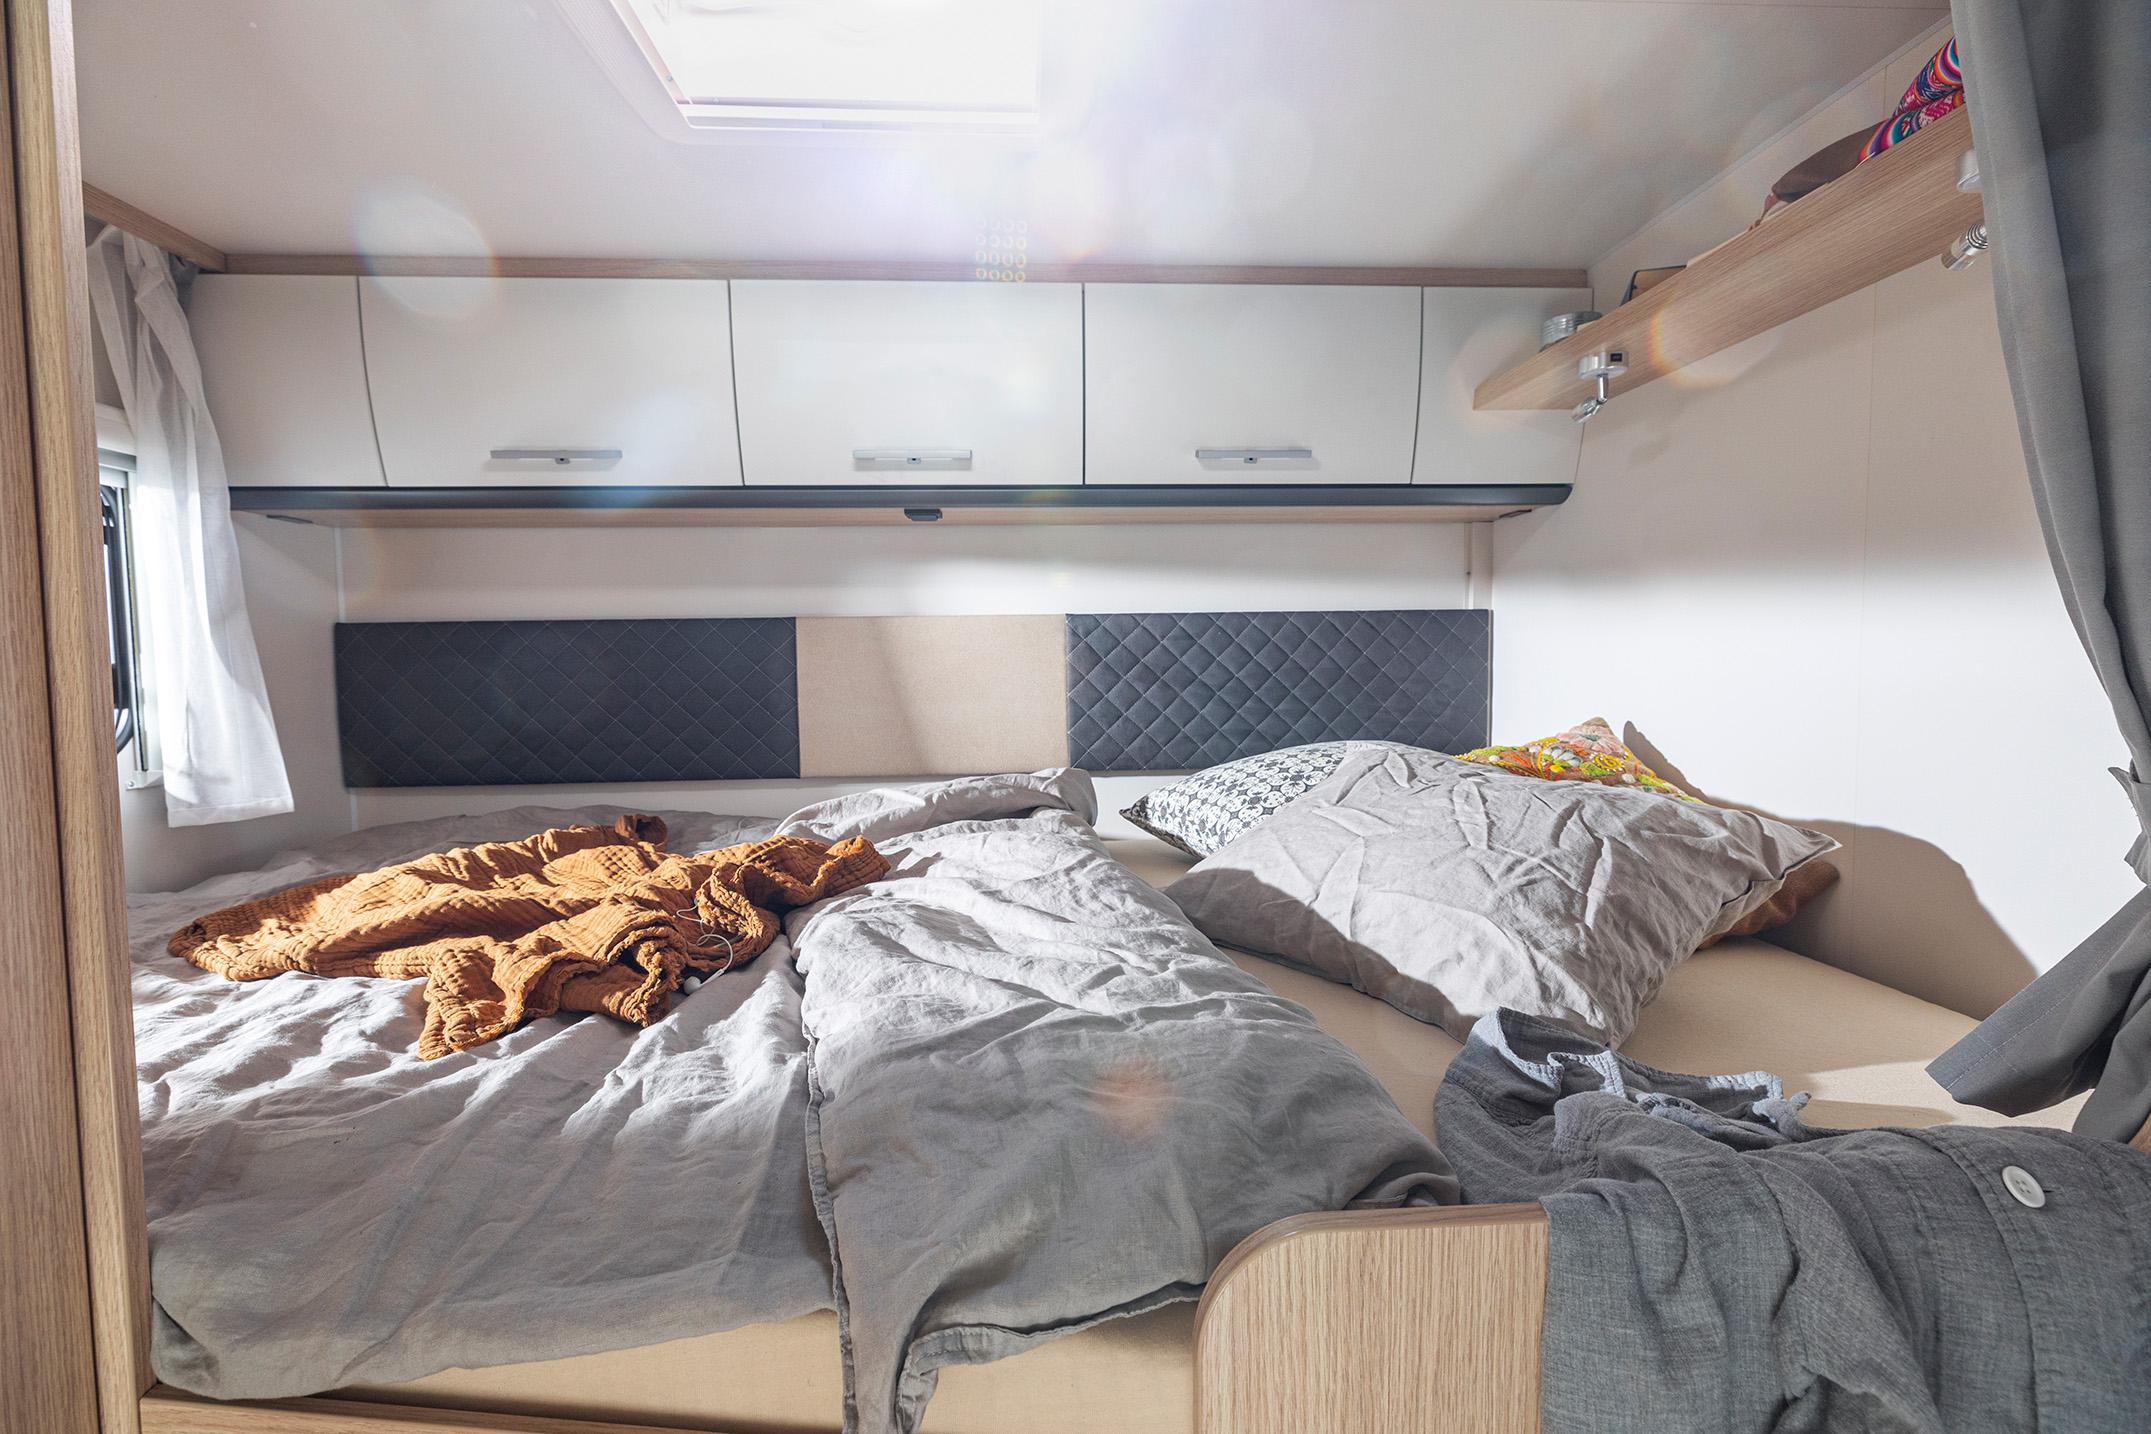 McRent Family Standard seng foran, som senkes ned fra loftet